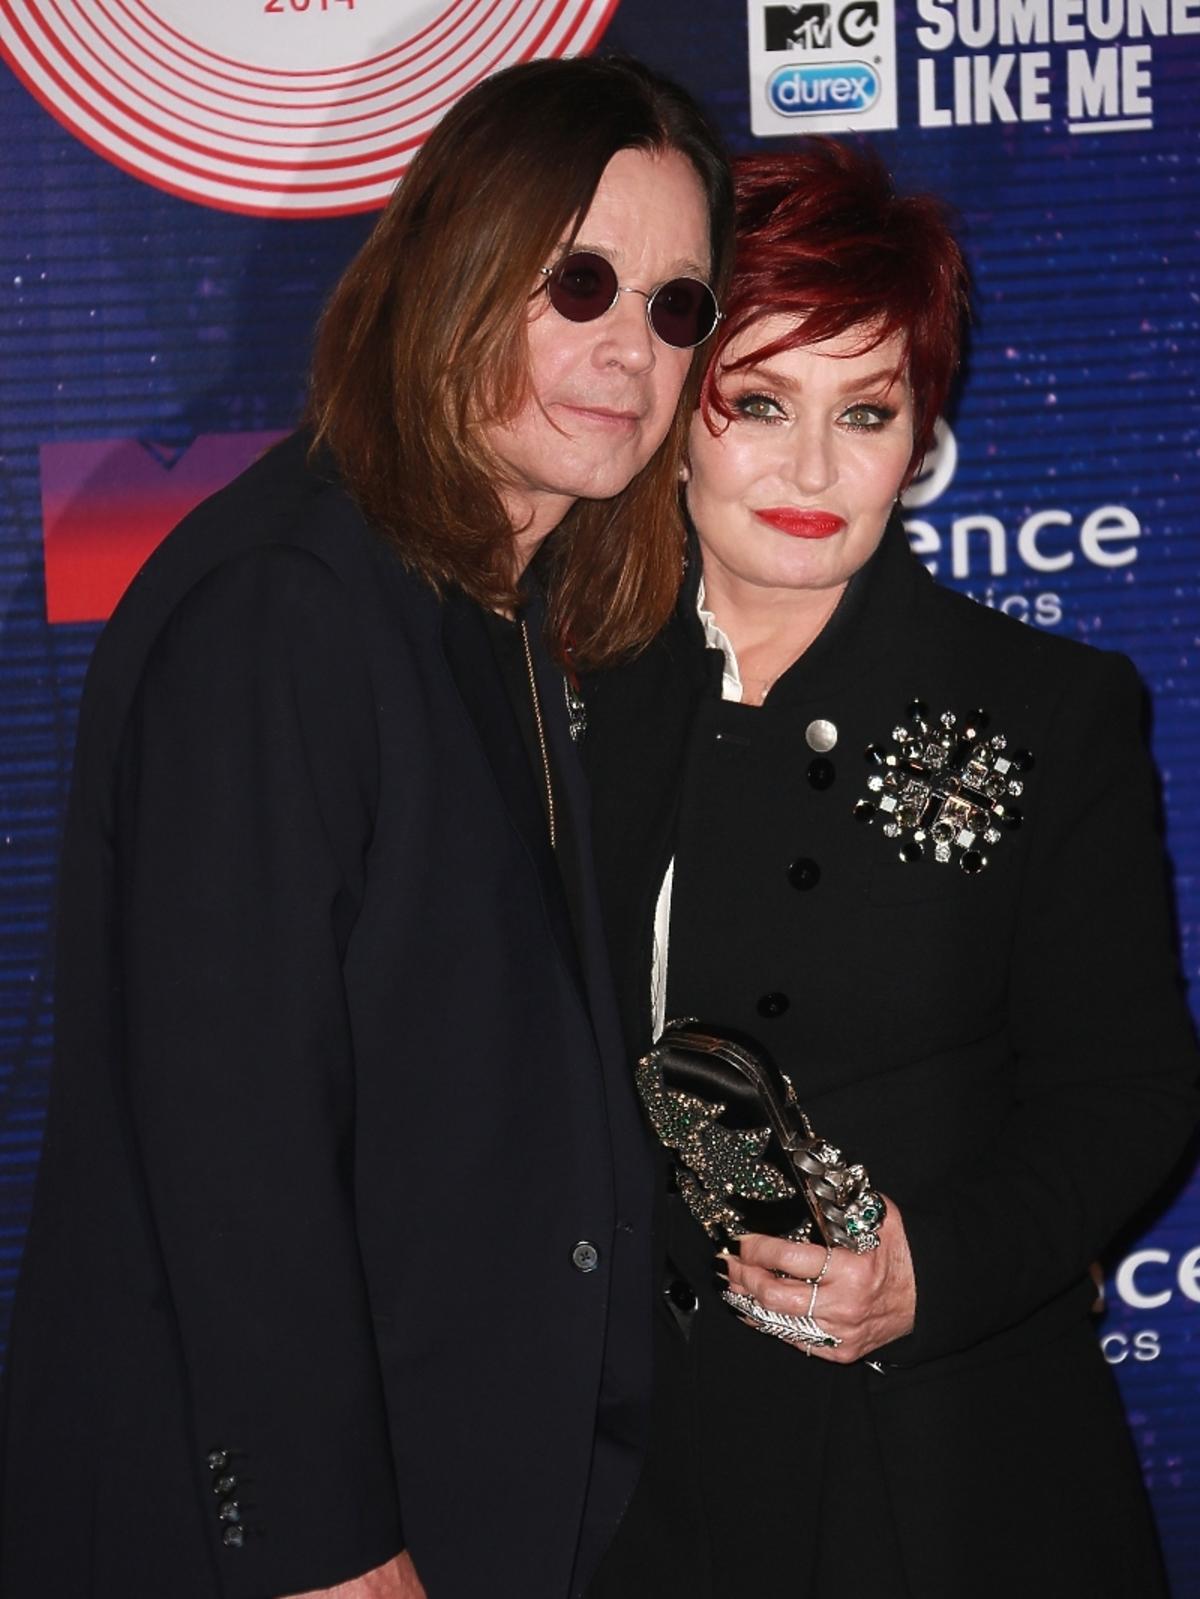 Ozzy i Sharon Osbourne na MTV EMA 2014 w Glasgow